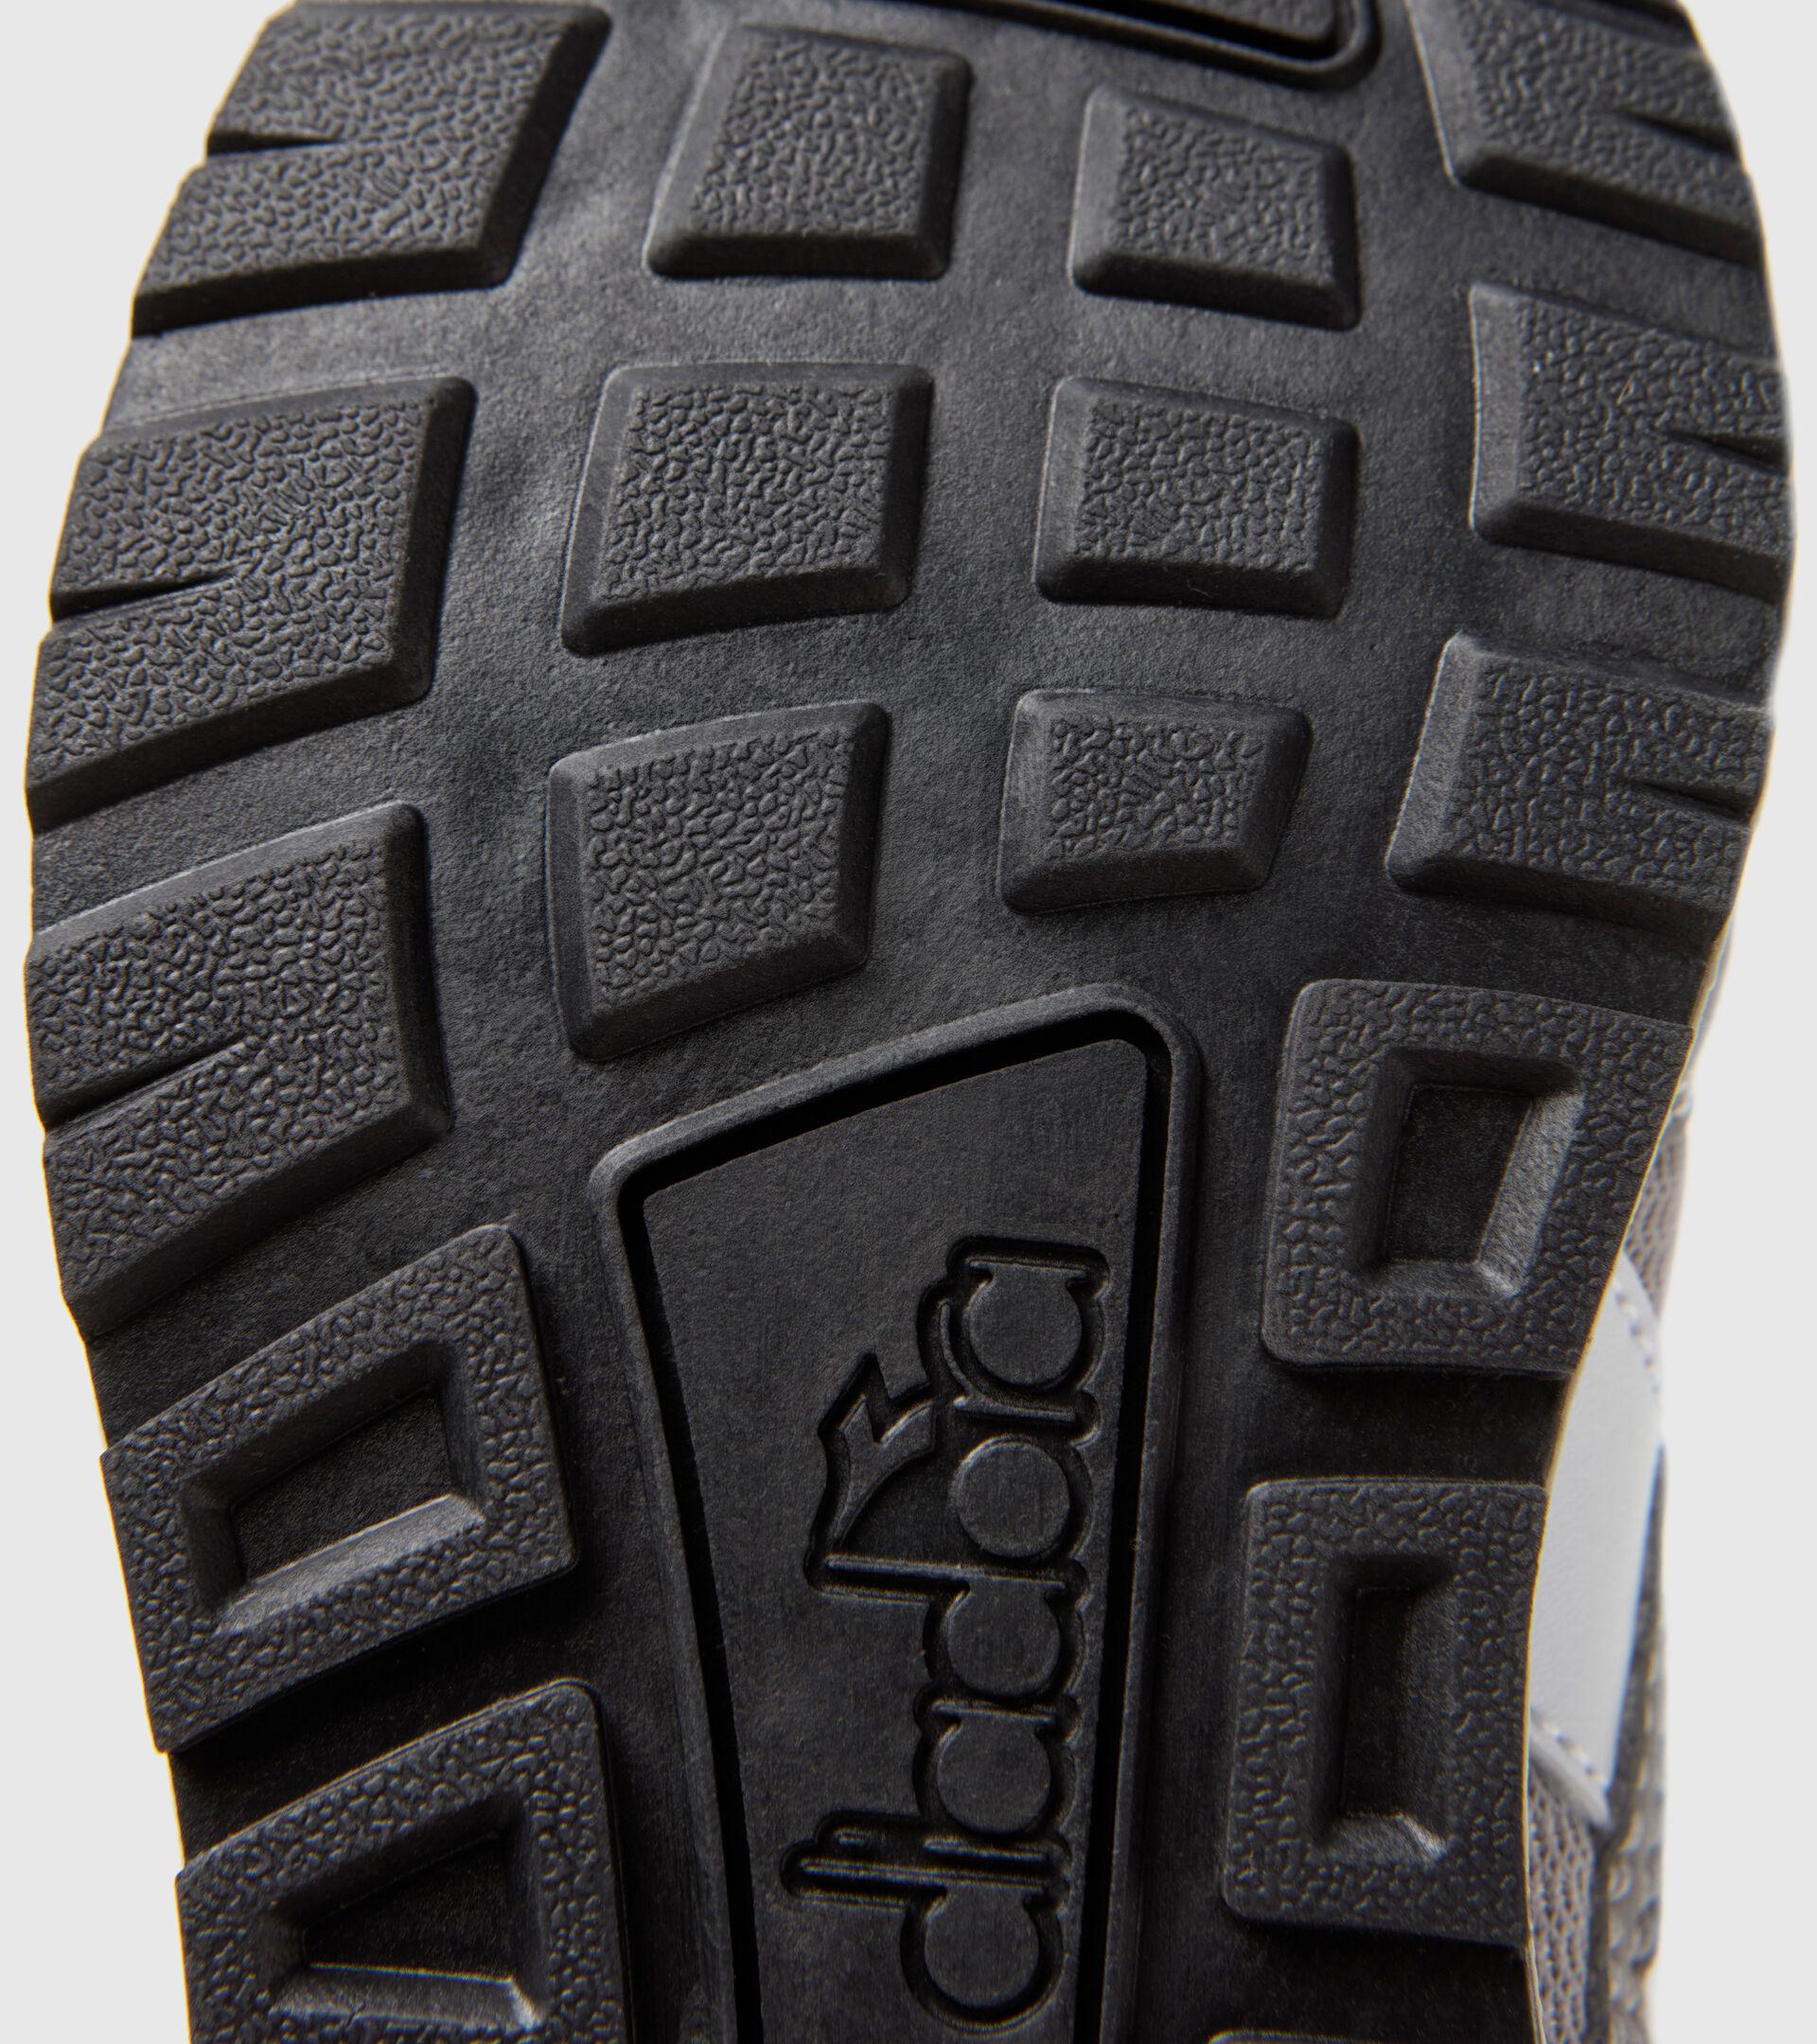 Chaussures de sport - Enfants 4-8 ans N.92 PS GRIS COLOMBE - Diadora